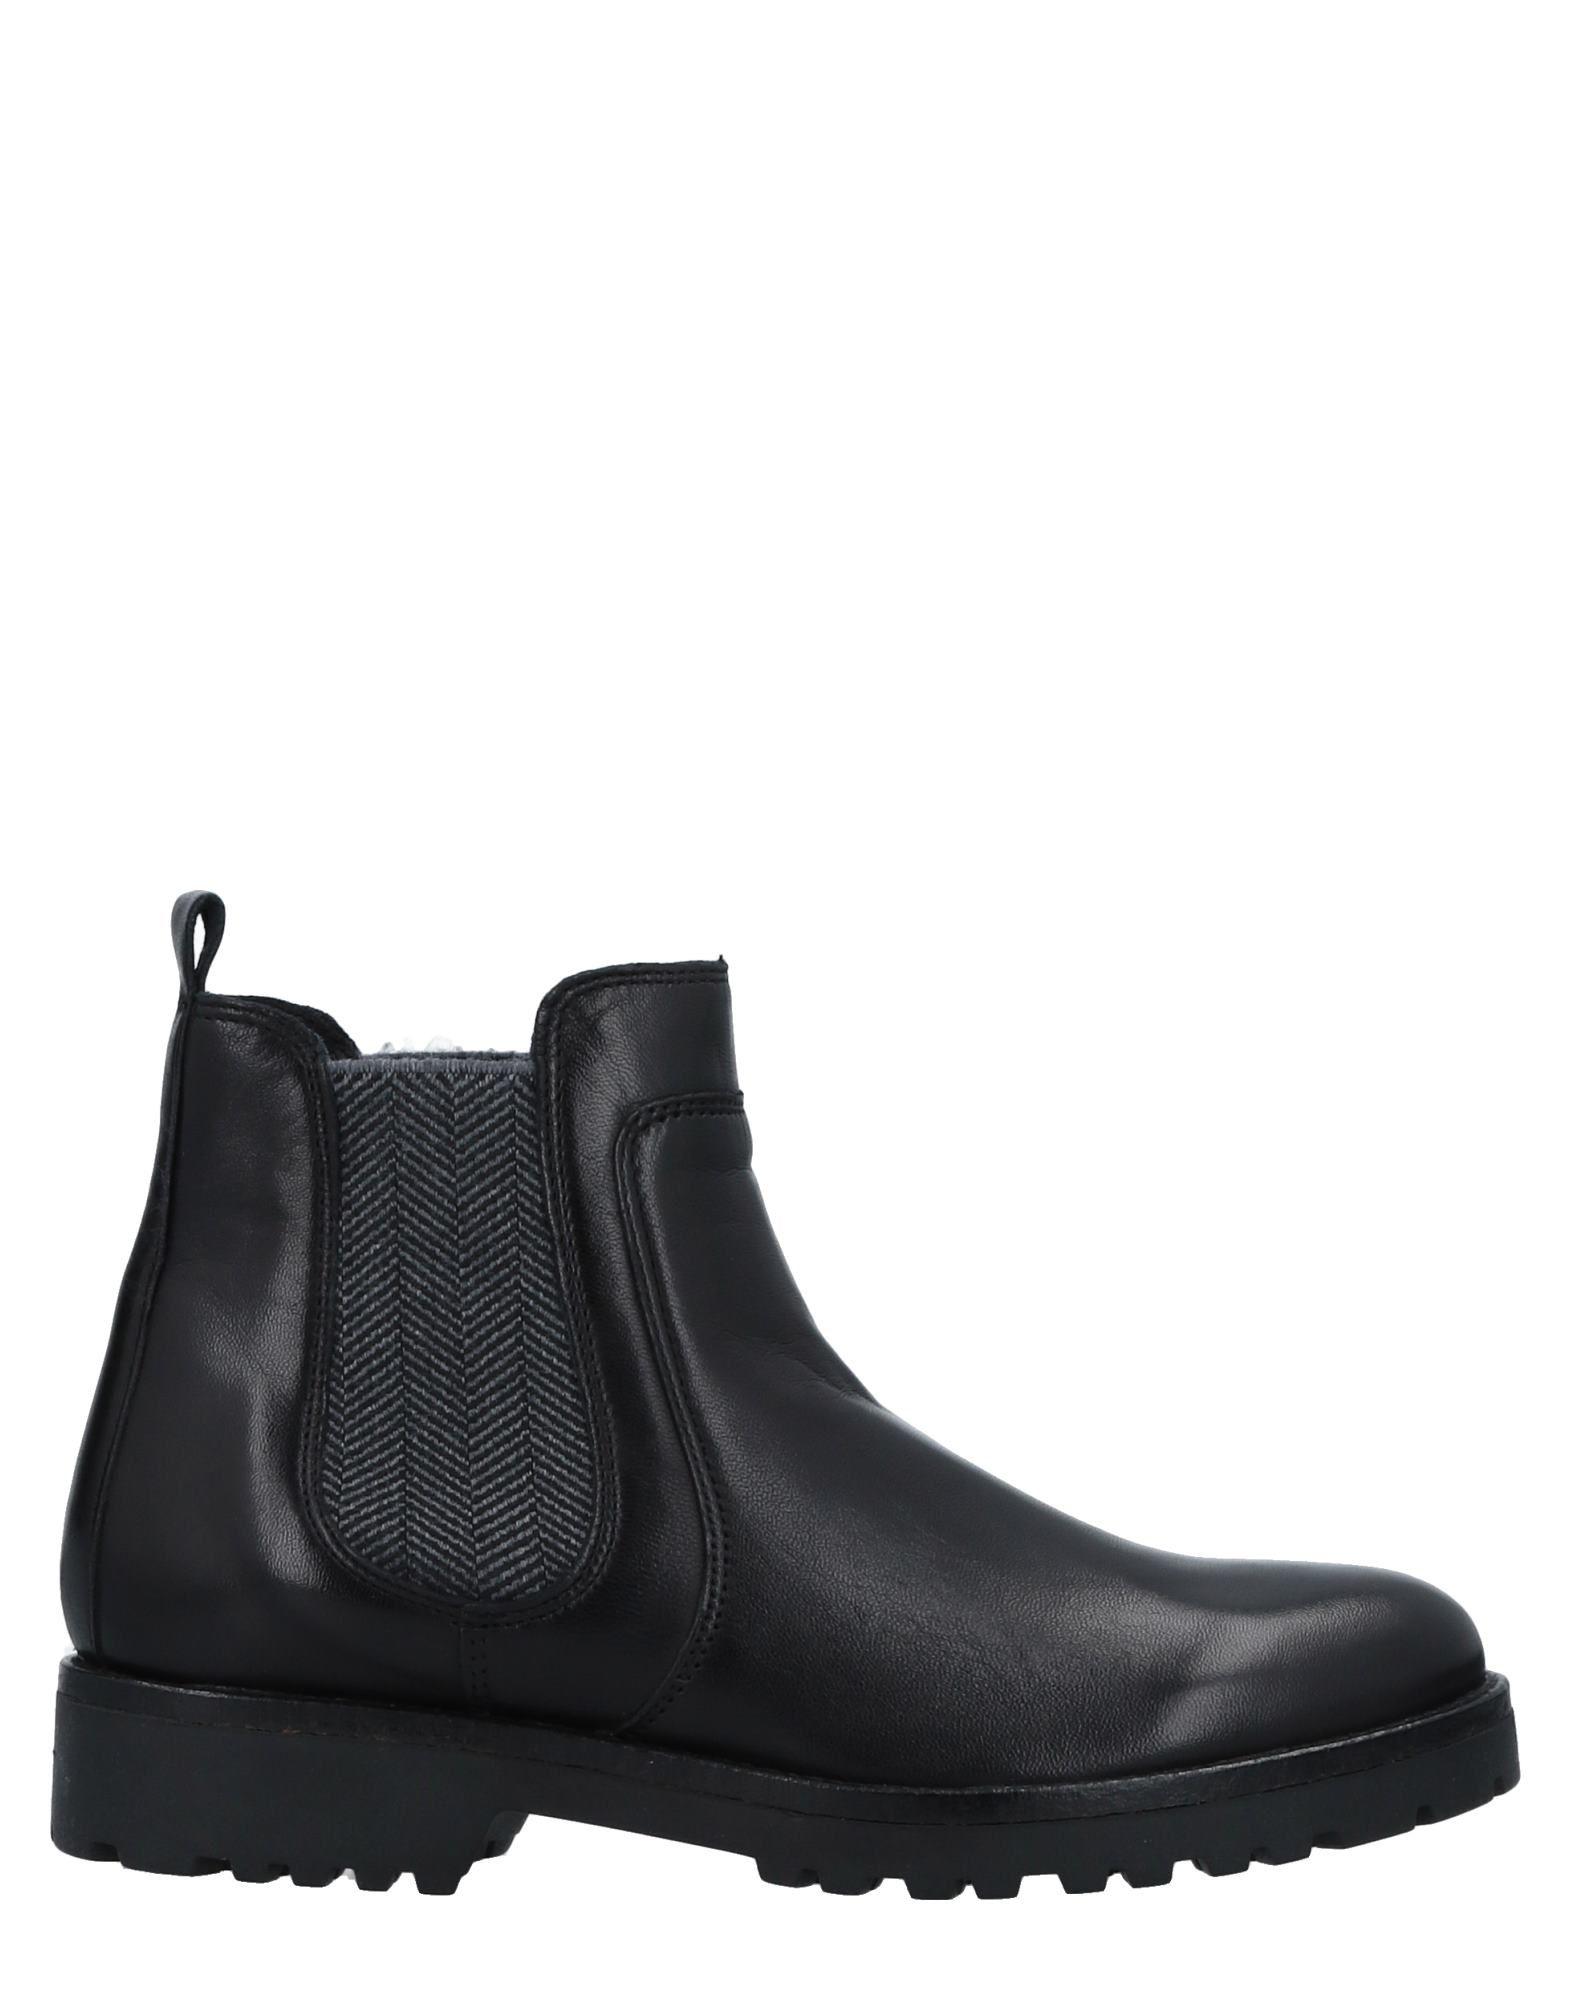 Chelsea Boots Bagatt Donna - 11513252PB